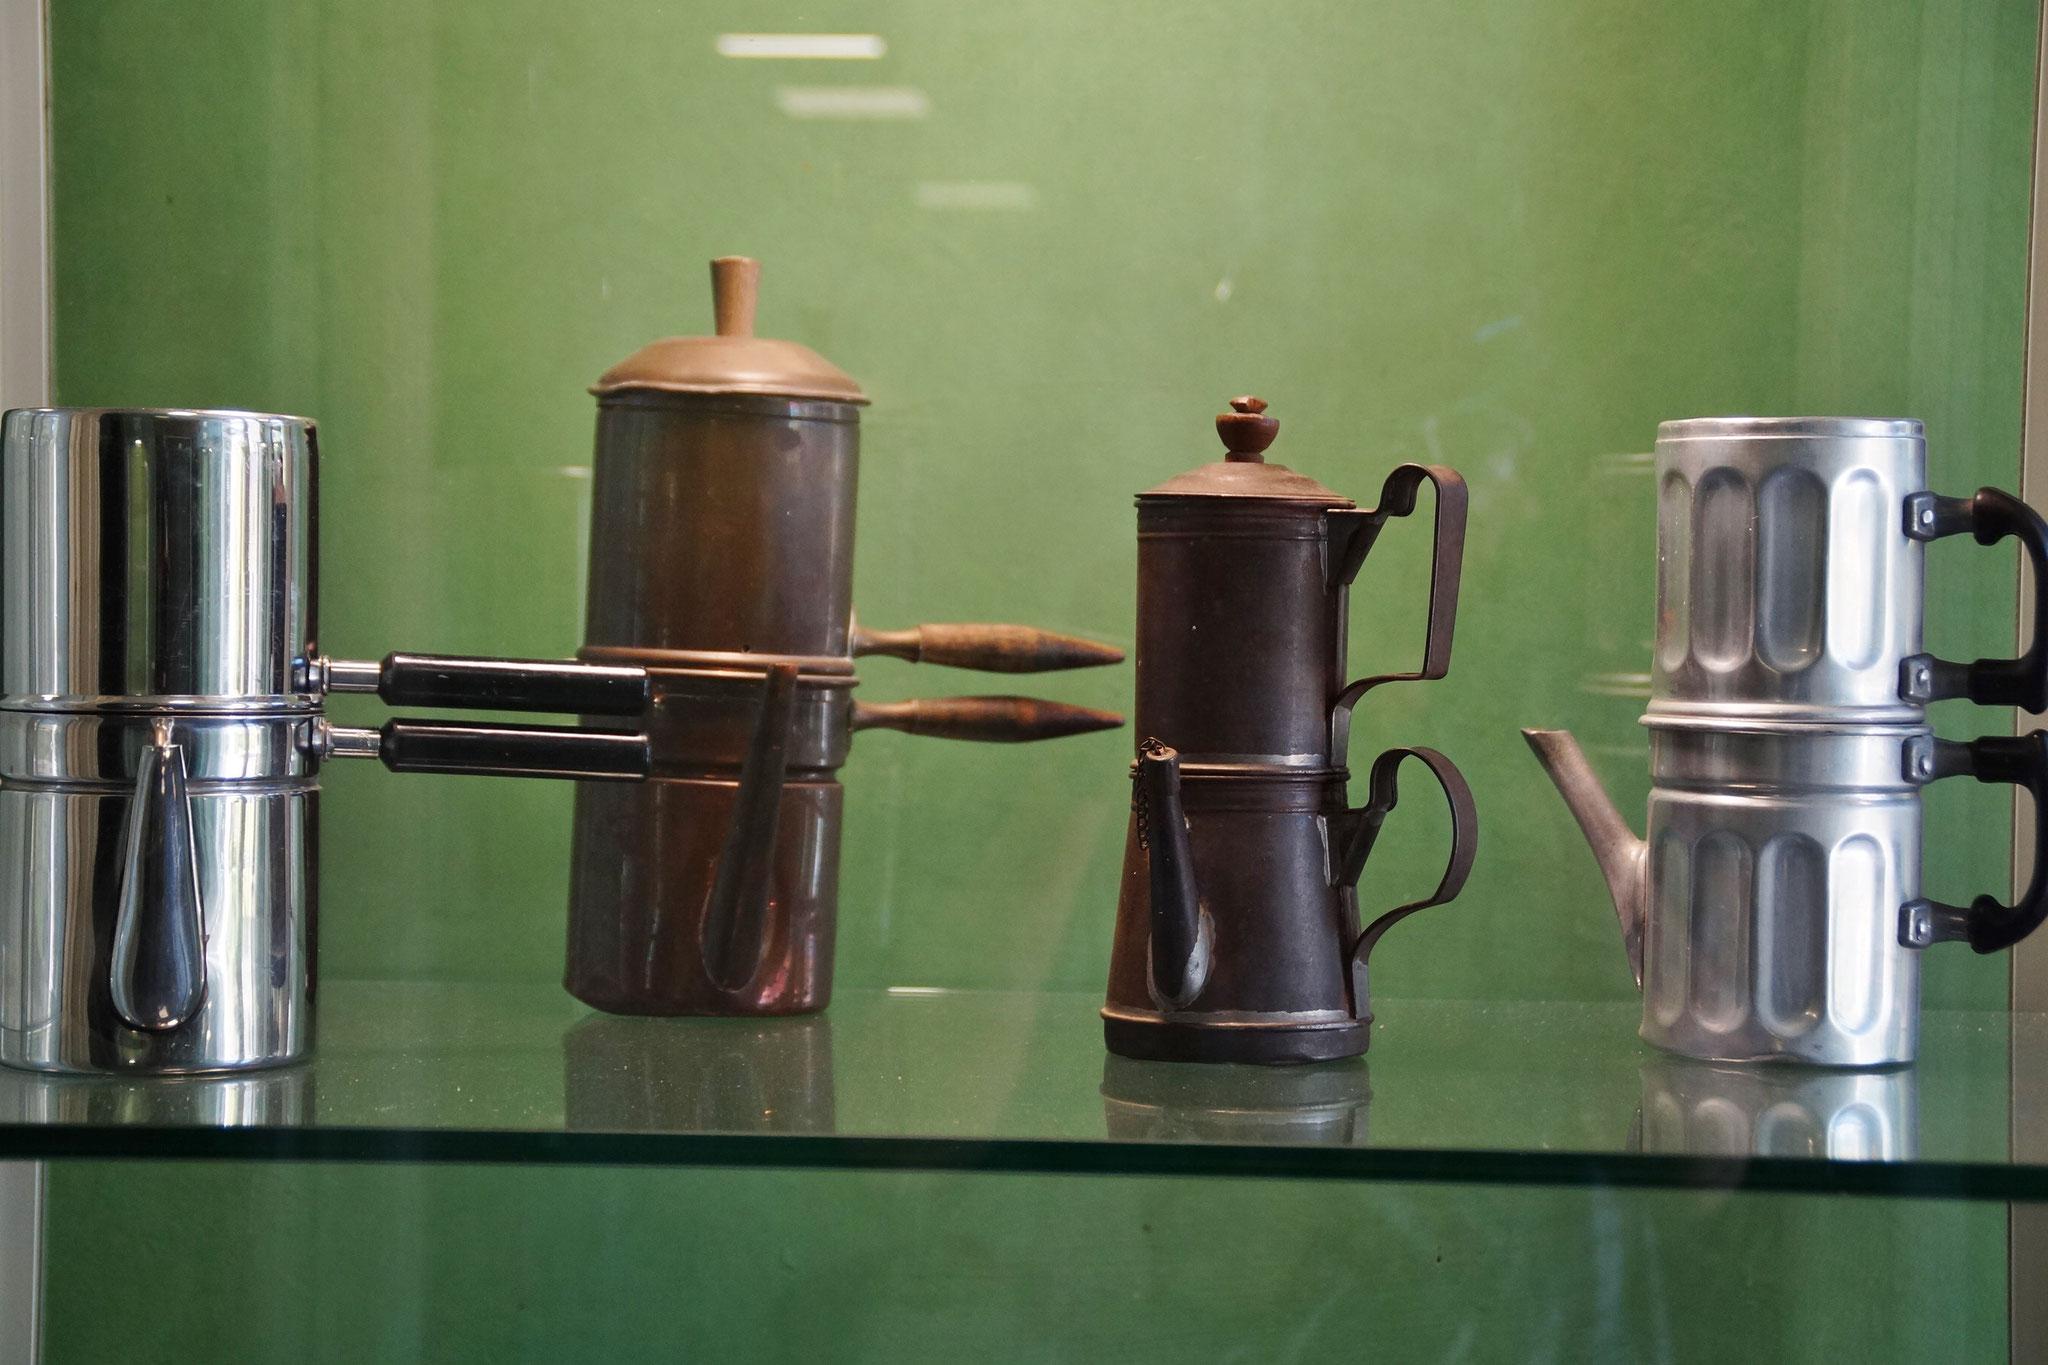 Ausgestellt: Alte Kaffemaschinen und